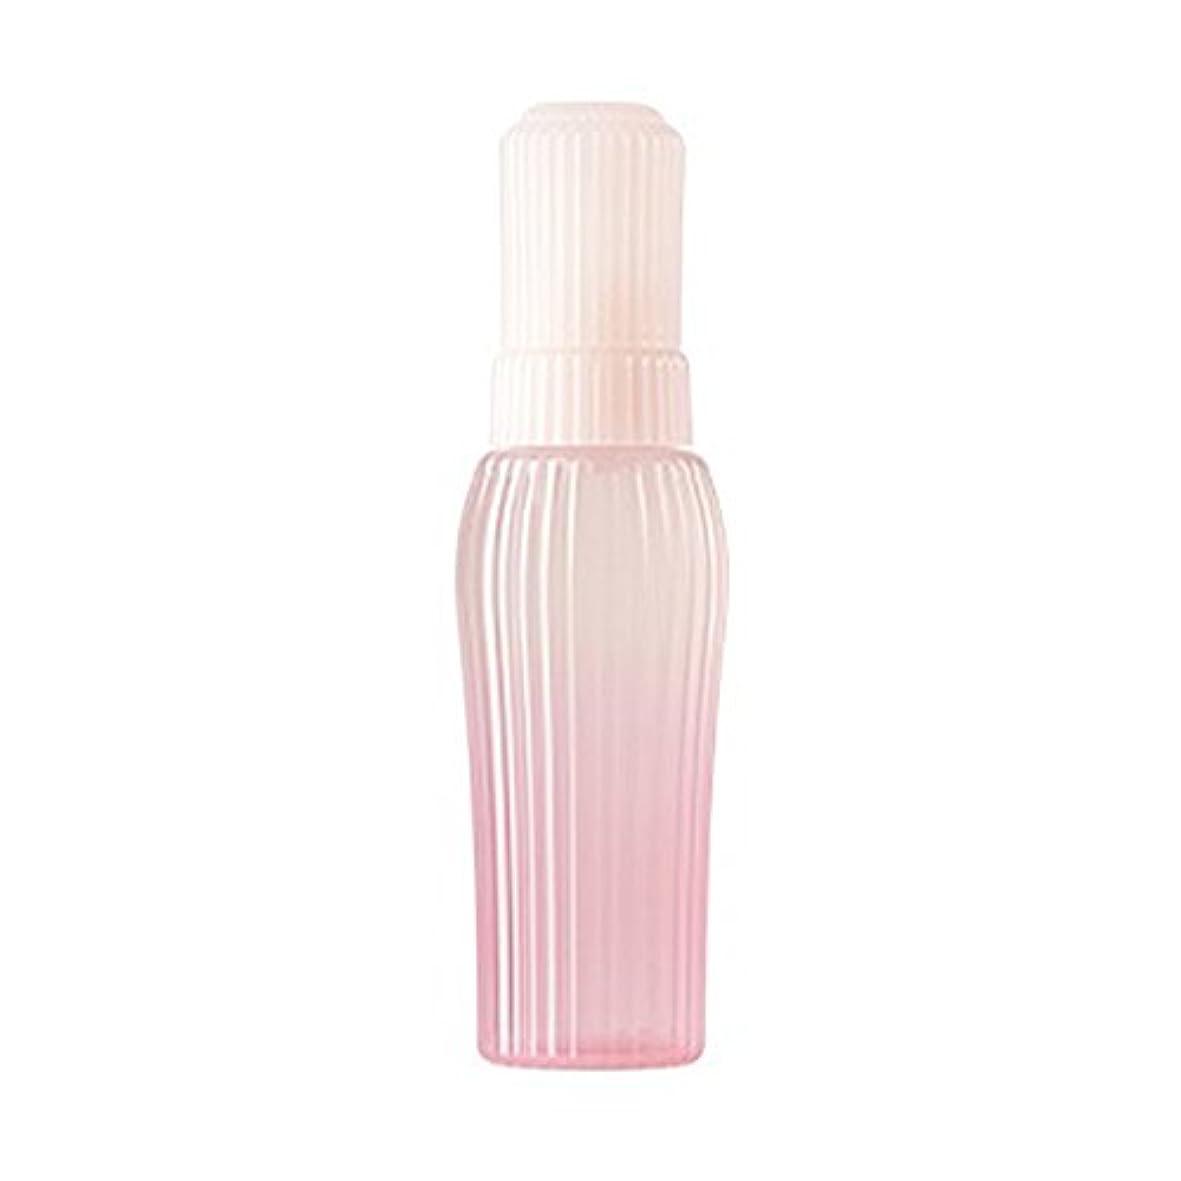 サミット不注意作曲するアユーラ (AYURA) fサインディフェンス スキンエンハンサー (医薬部外品) 130mL 〈敏感肌用 化粧水〉薬用美容水